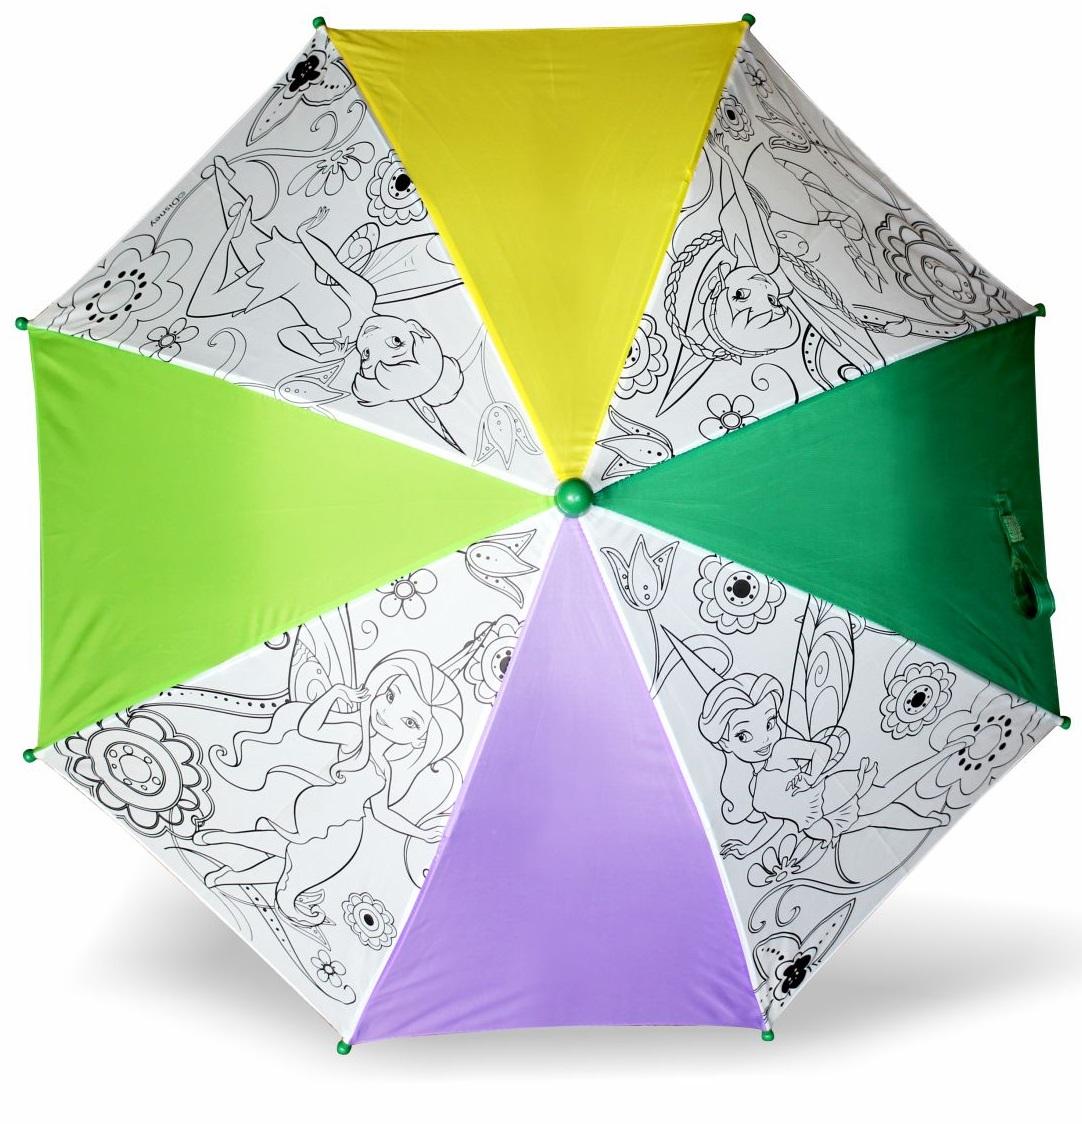 Зонтик для раскрашивания «Феи Disney. Динь-Динь с подругами»Детские зонты<br>Зонтик для раскрашивания «Феи Disney. Динь-Динь с подругами»<br>